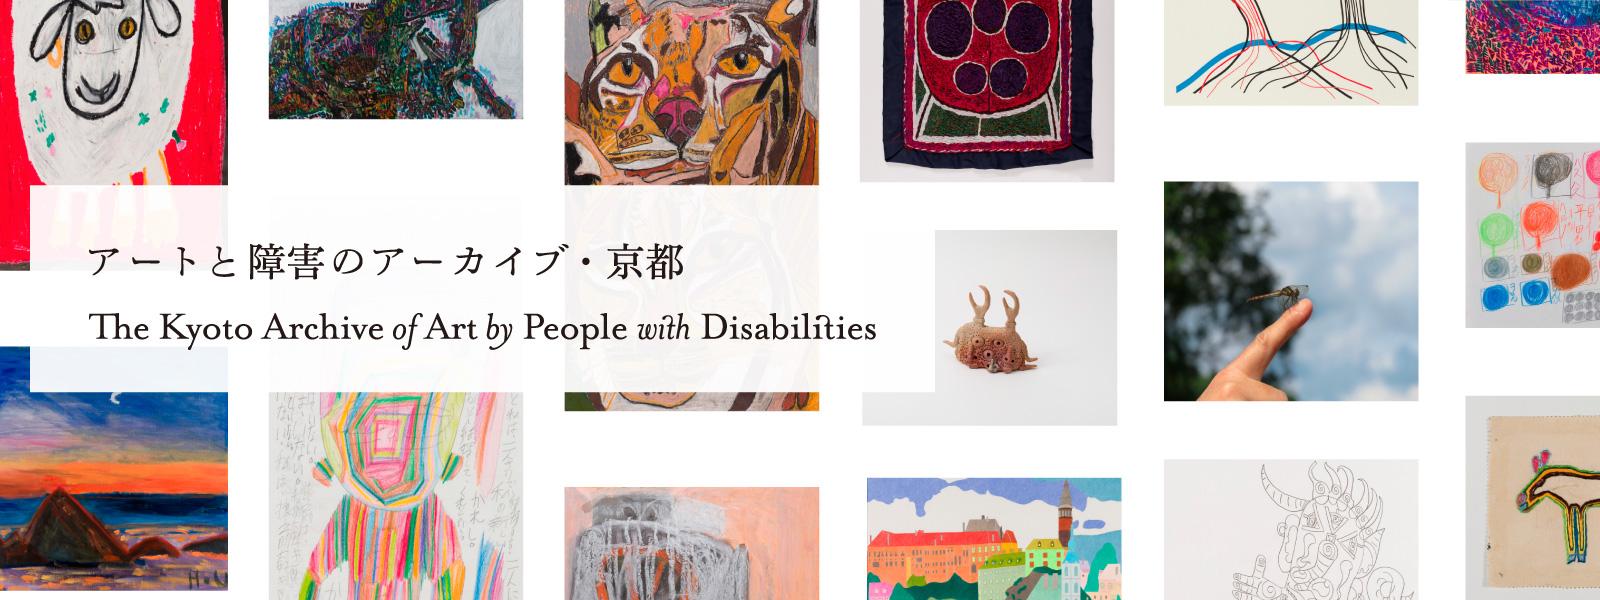 アートと障害のアーカイブ・京都